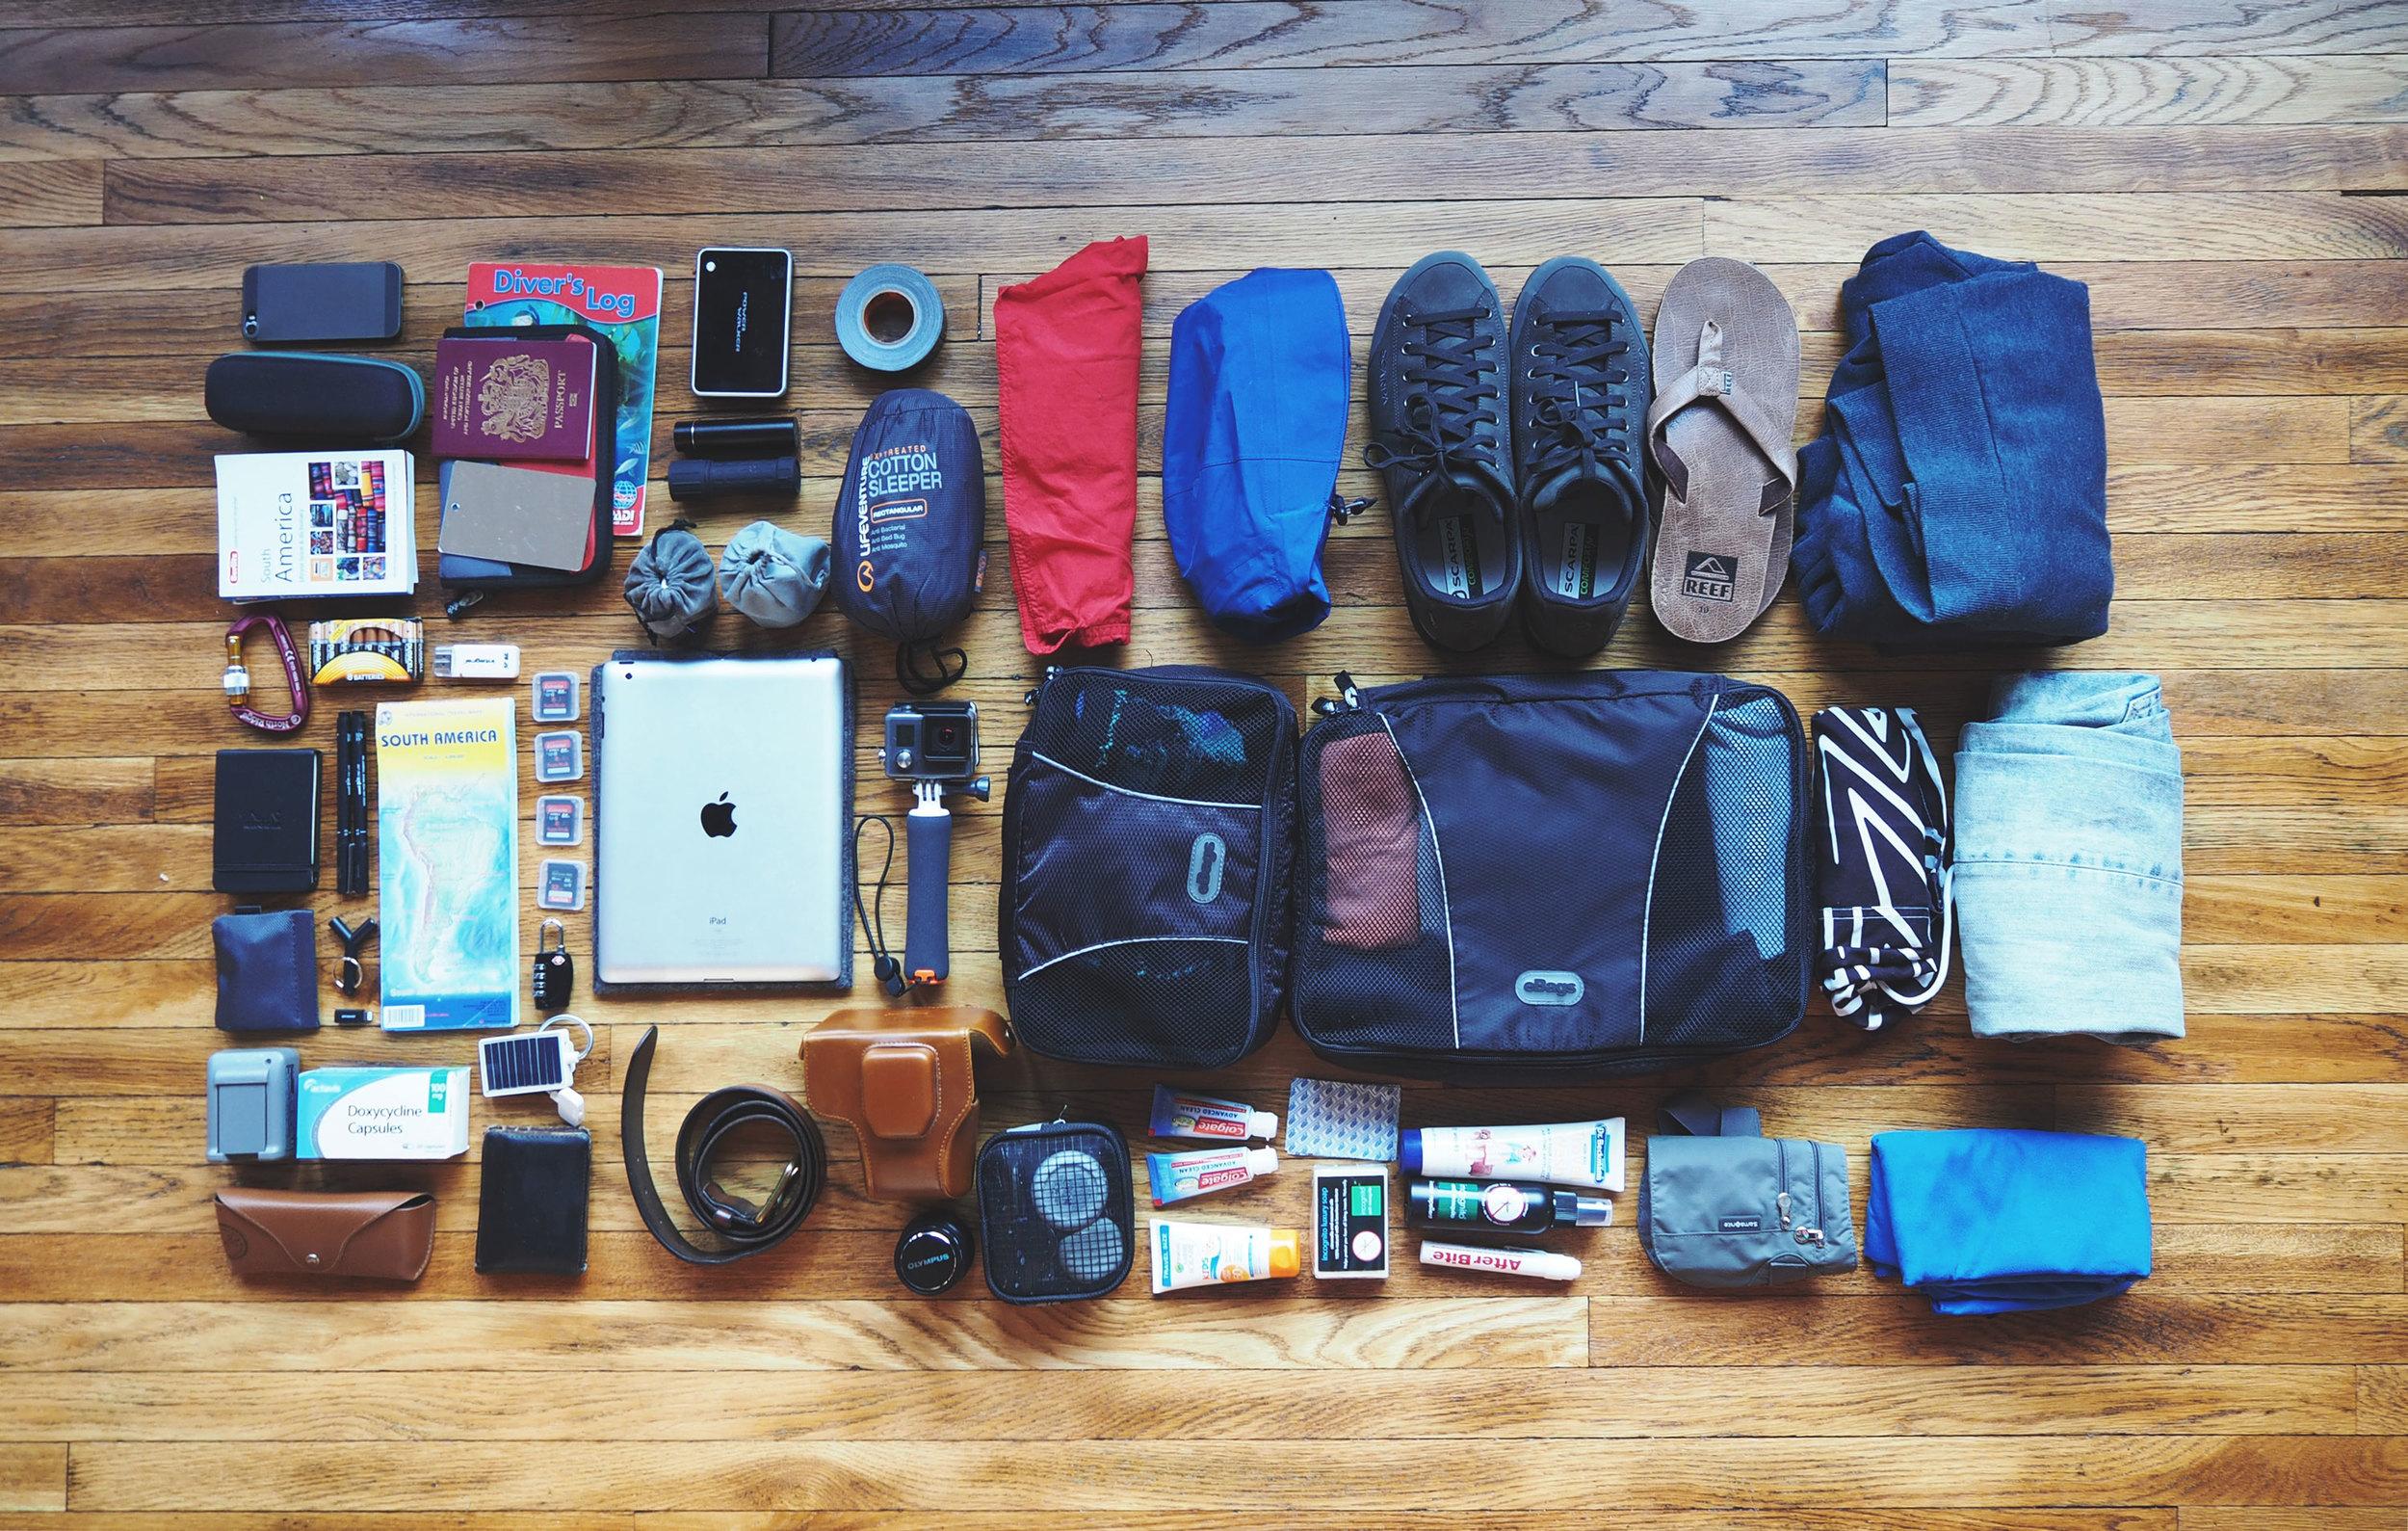 Joe's Travel Gear